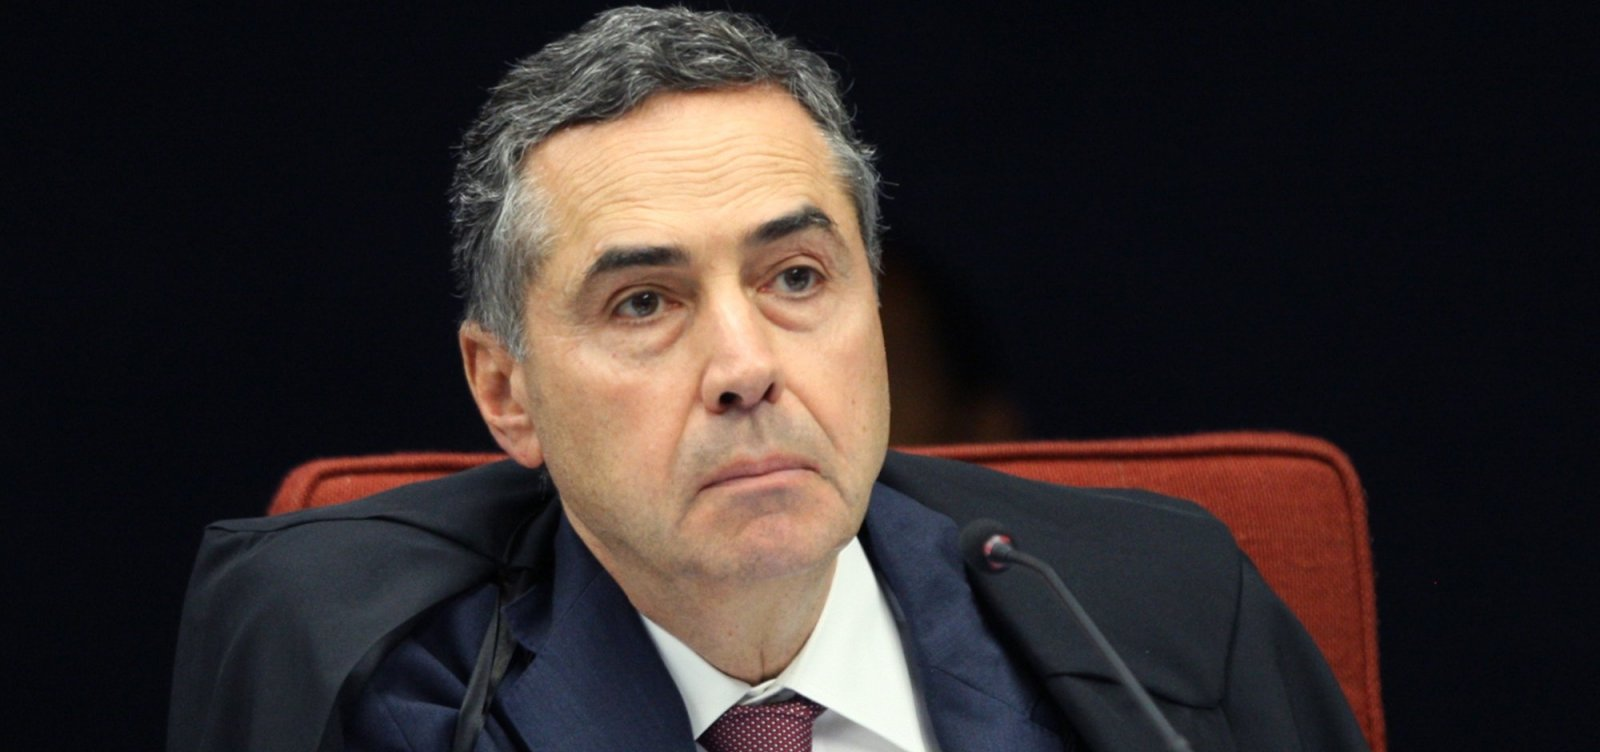 [Barroso recua após 'tom ácido' ao falar de corrupção no STF]